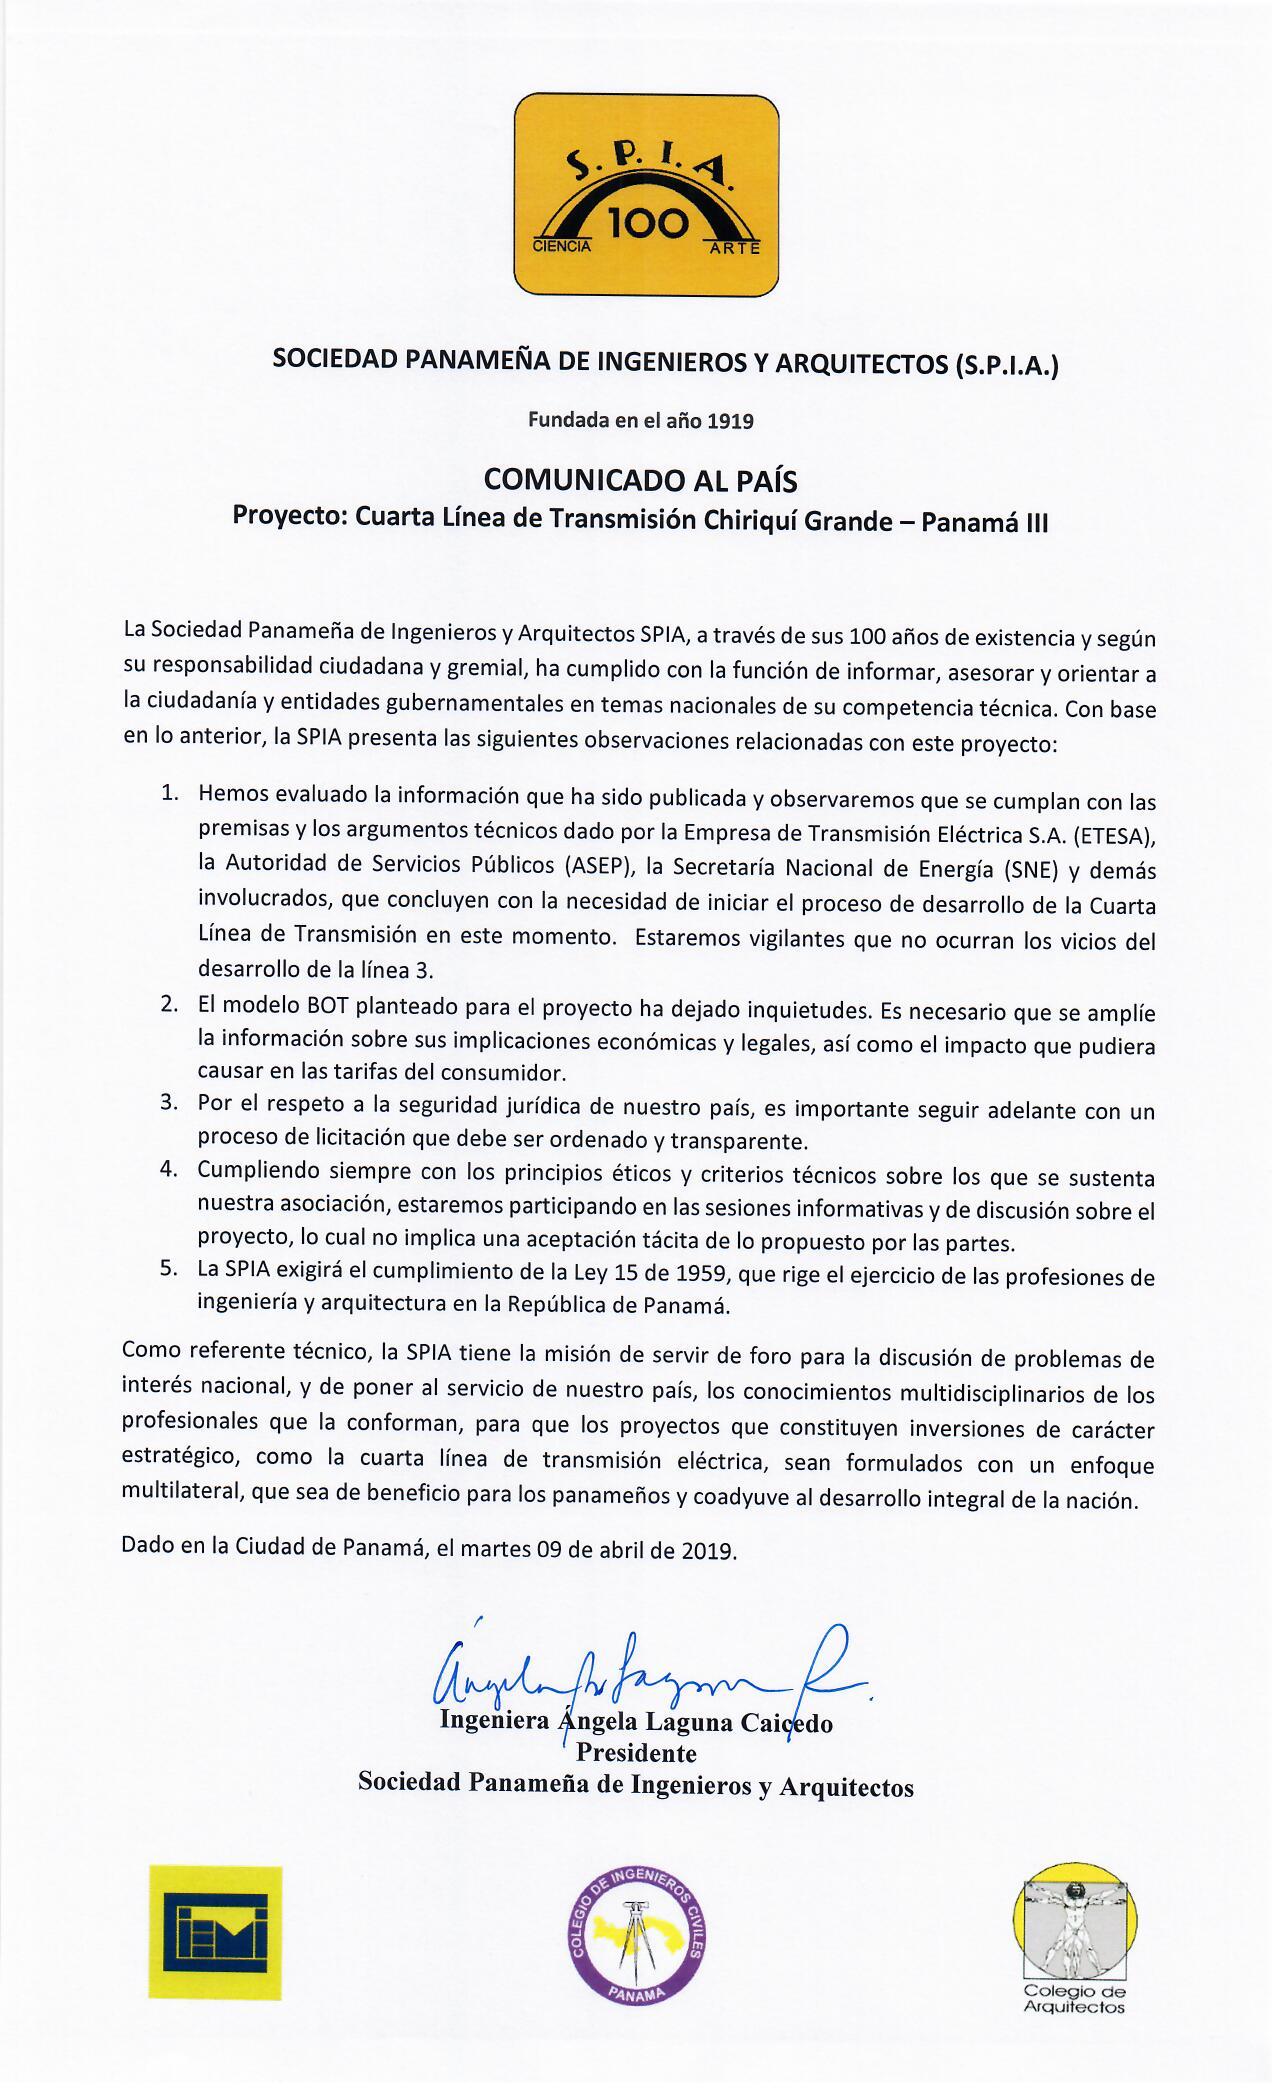 COMUNICADO III LÍNEA DE TRANSMISIÓN